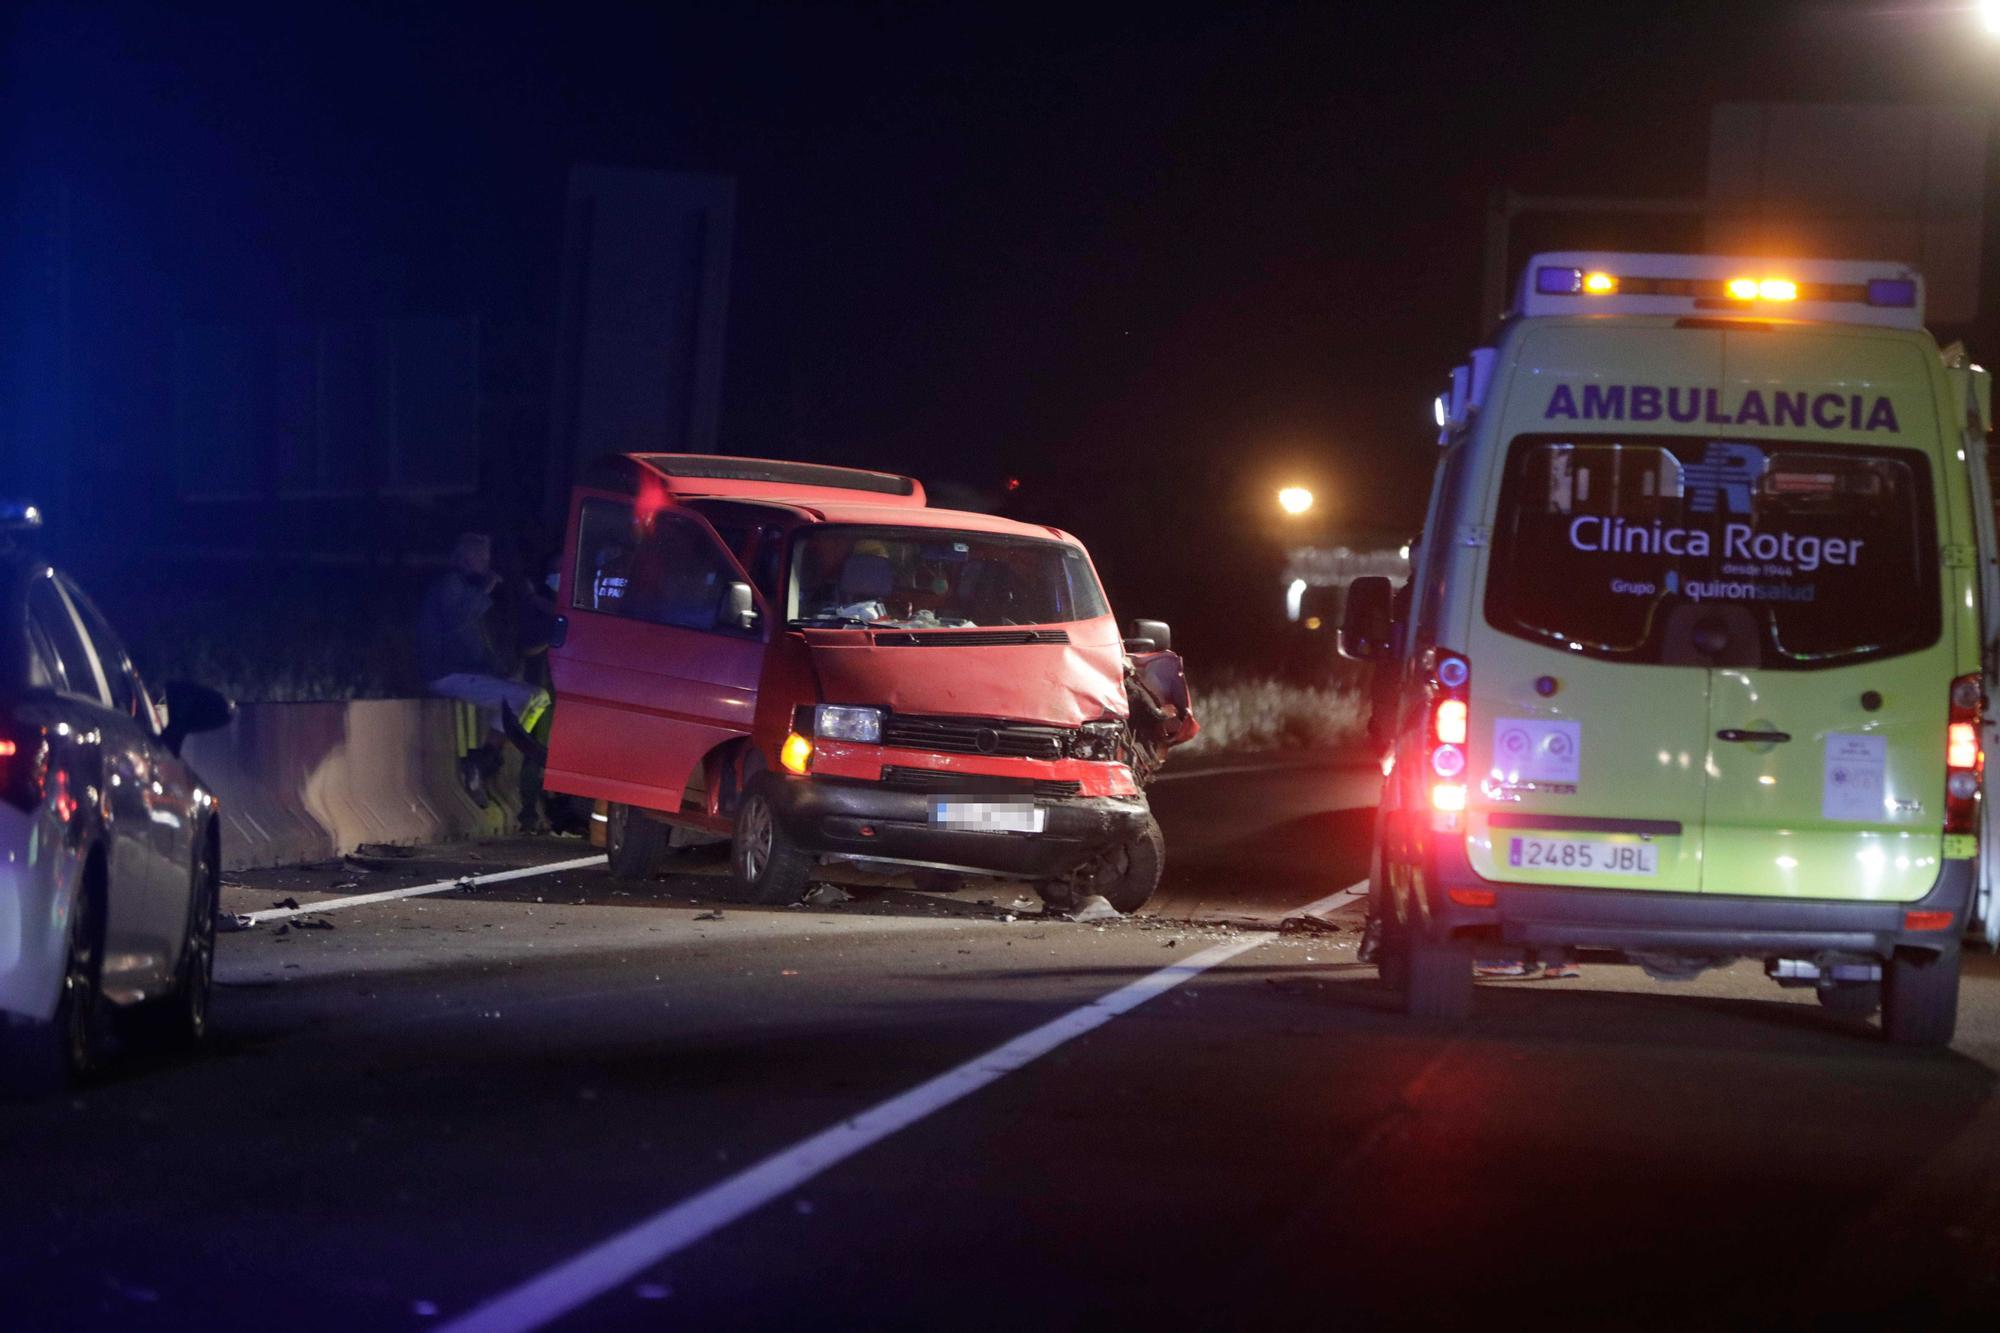 Mueren dos motoristas en un accidente de tráfico en Palma